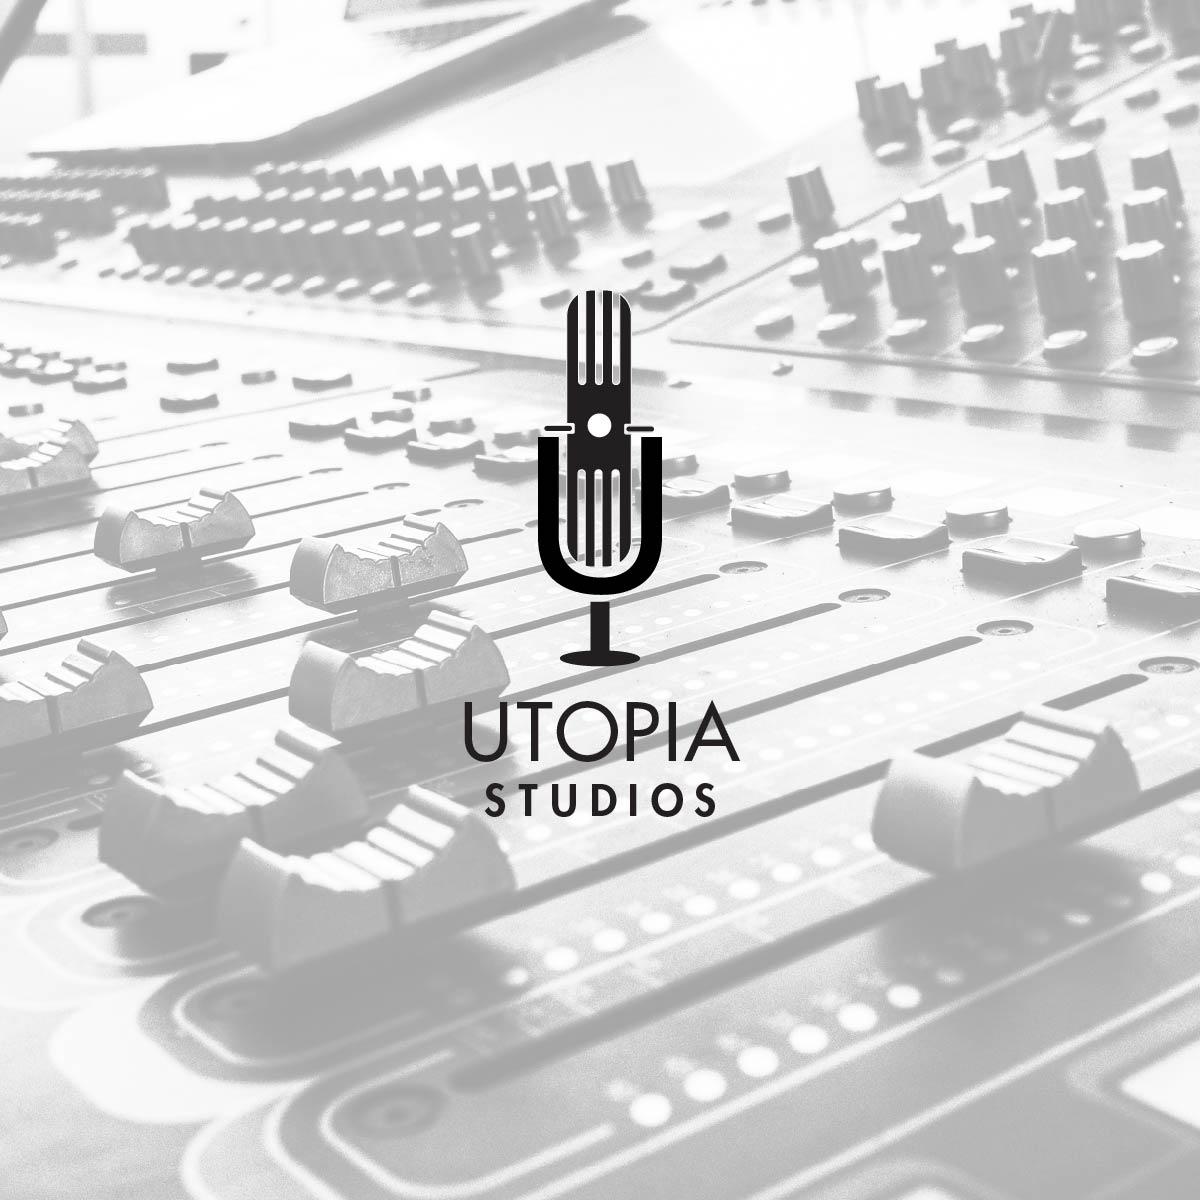 utopia-01.jpg